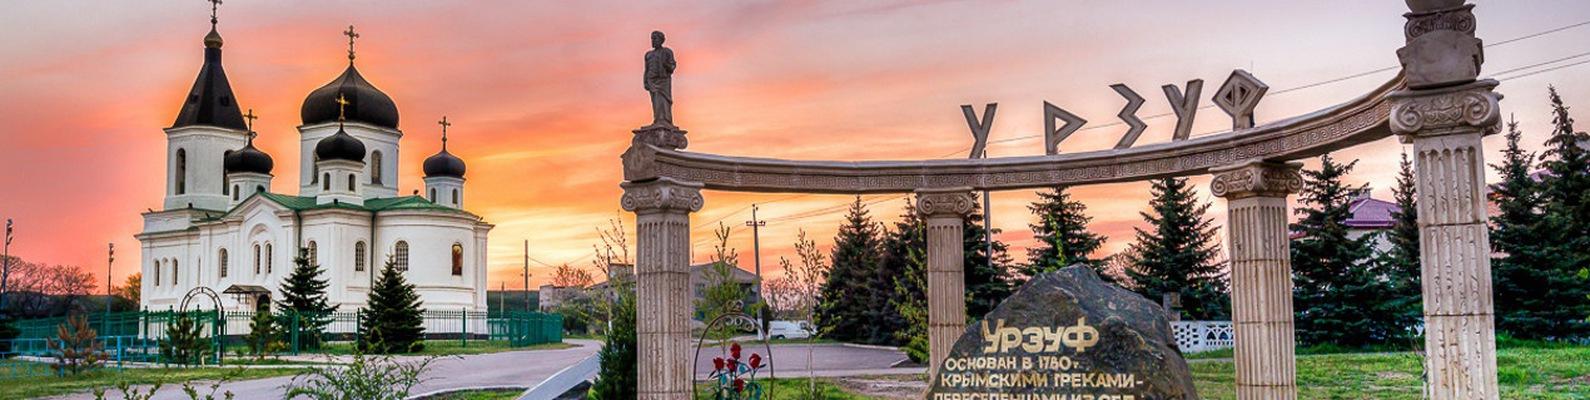 Группа храма Архистратига Михаила с.Урзуф | ВКонтакте